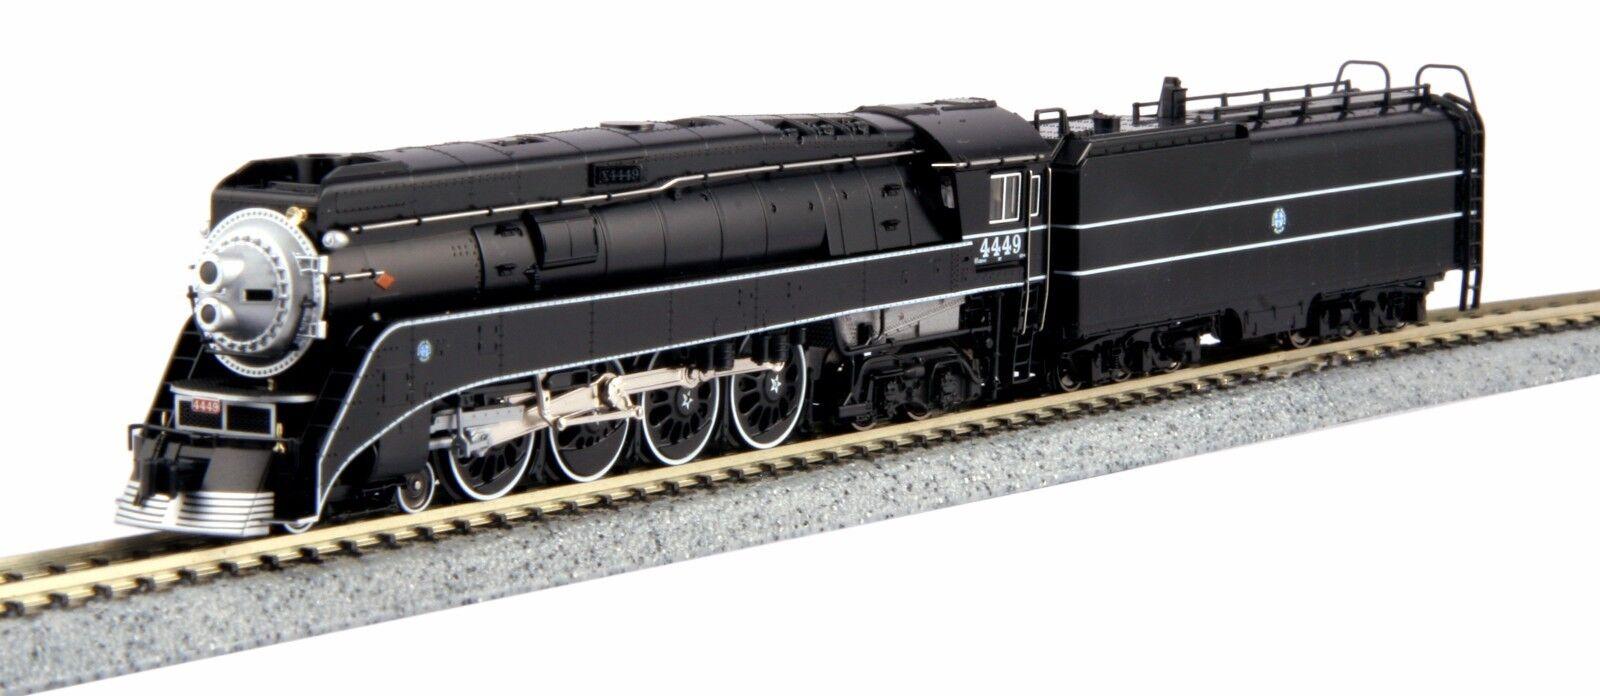 compras en linea Escala N 4-8-4 GS-4 BNSF Negro    4449 (Negro) - Kato  126-0312 Excursión  gran selección y entrega rápida